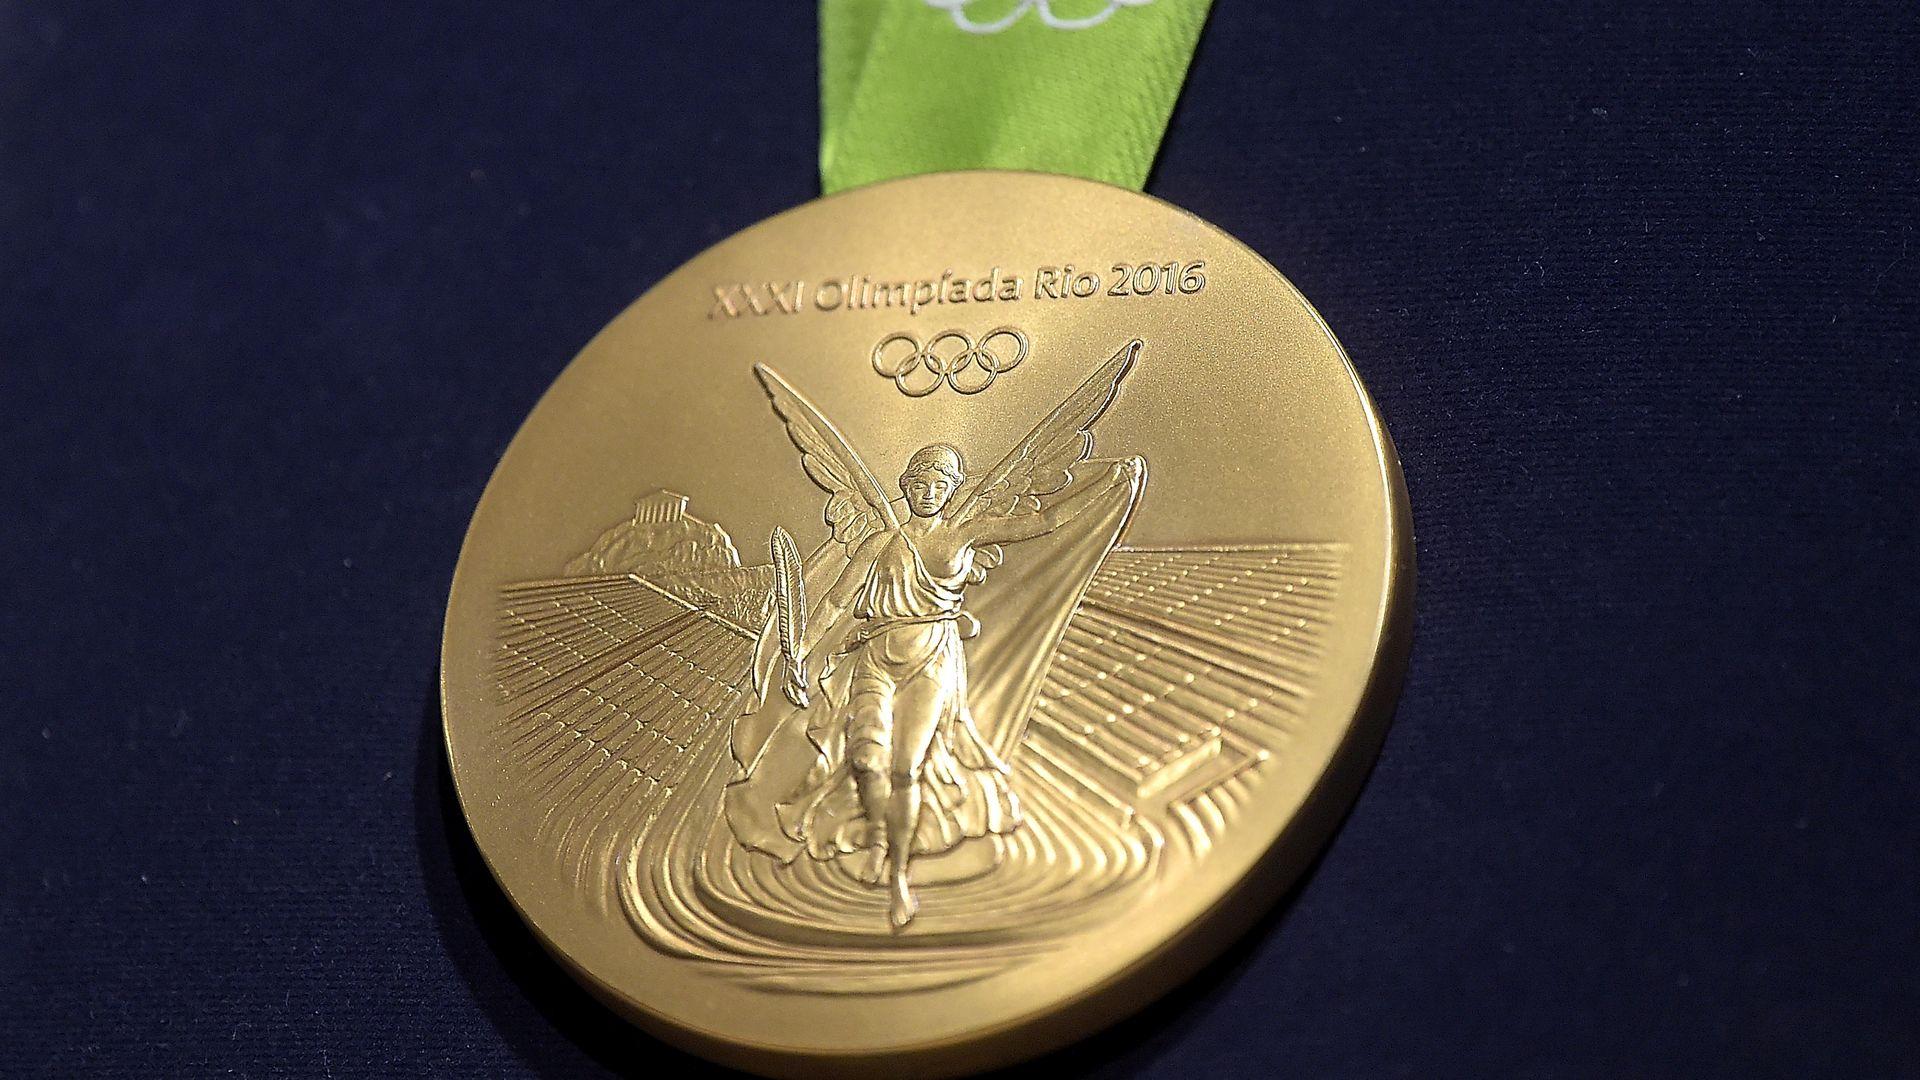 060816 olimpik, pingat emas